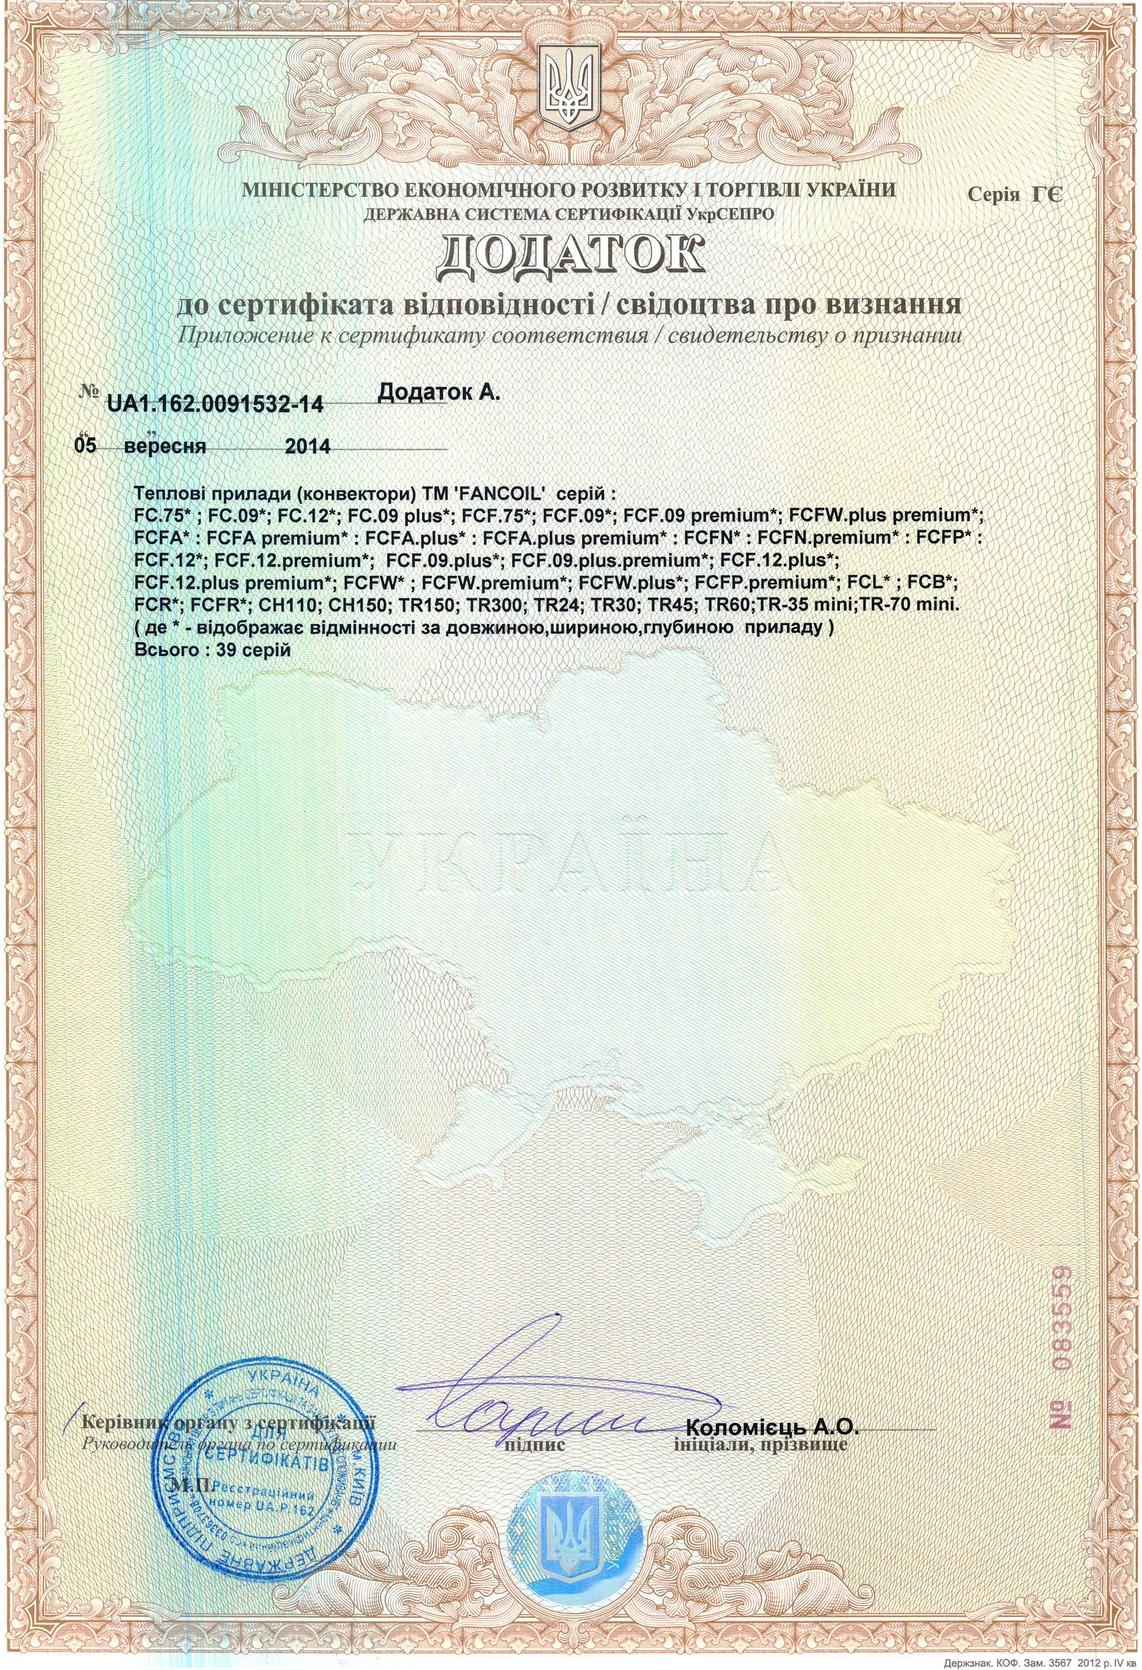 Дополнение к сертификату fancoil